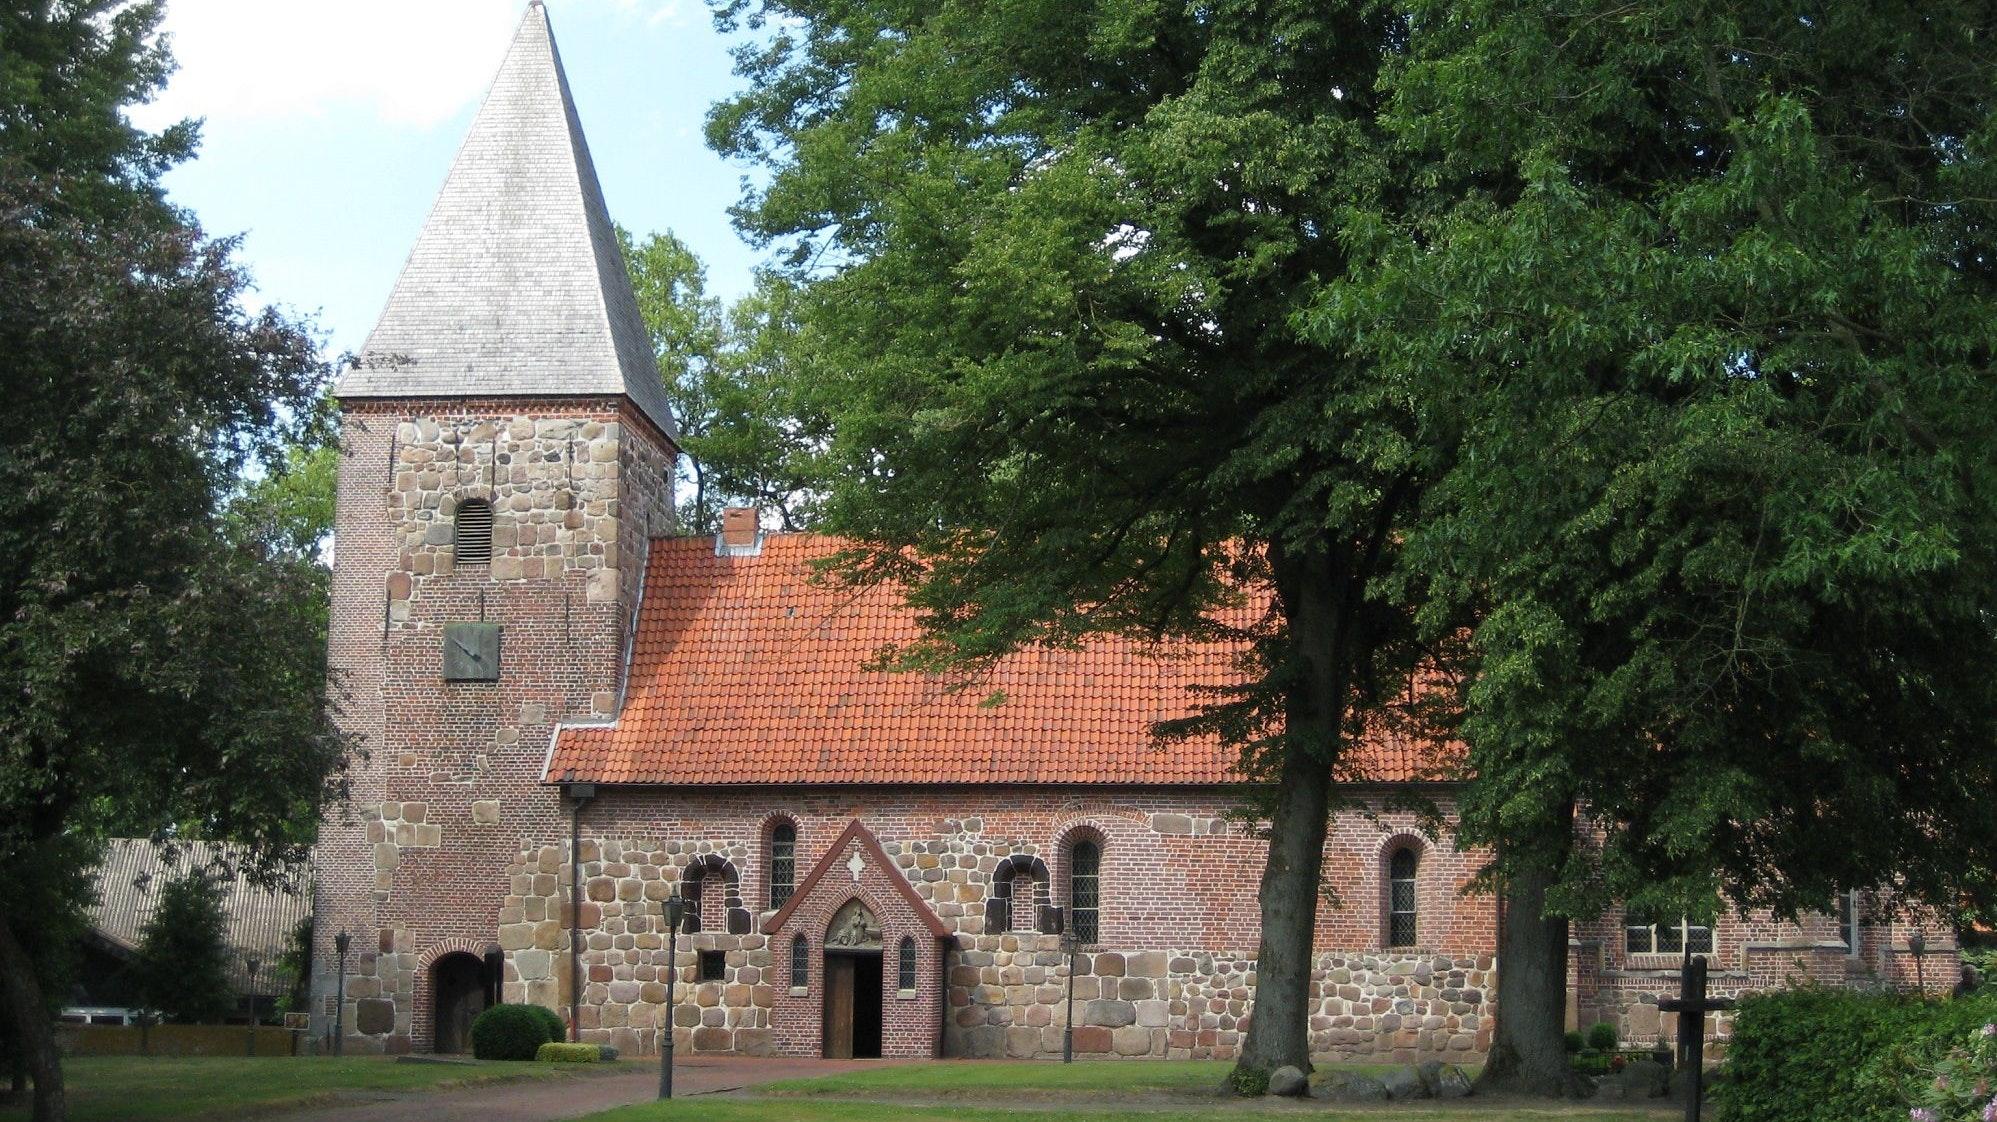 Geschichtsträchtig: die St.-Vitus-Kirche in Altenoythe. Foto: ETT/Martin Dewenter